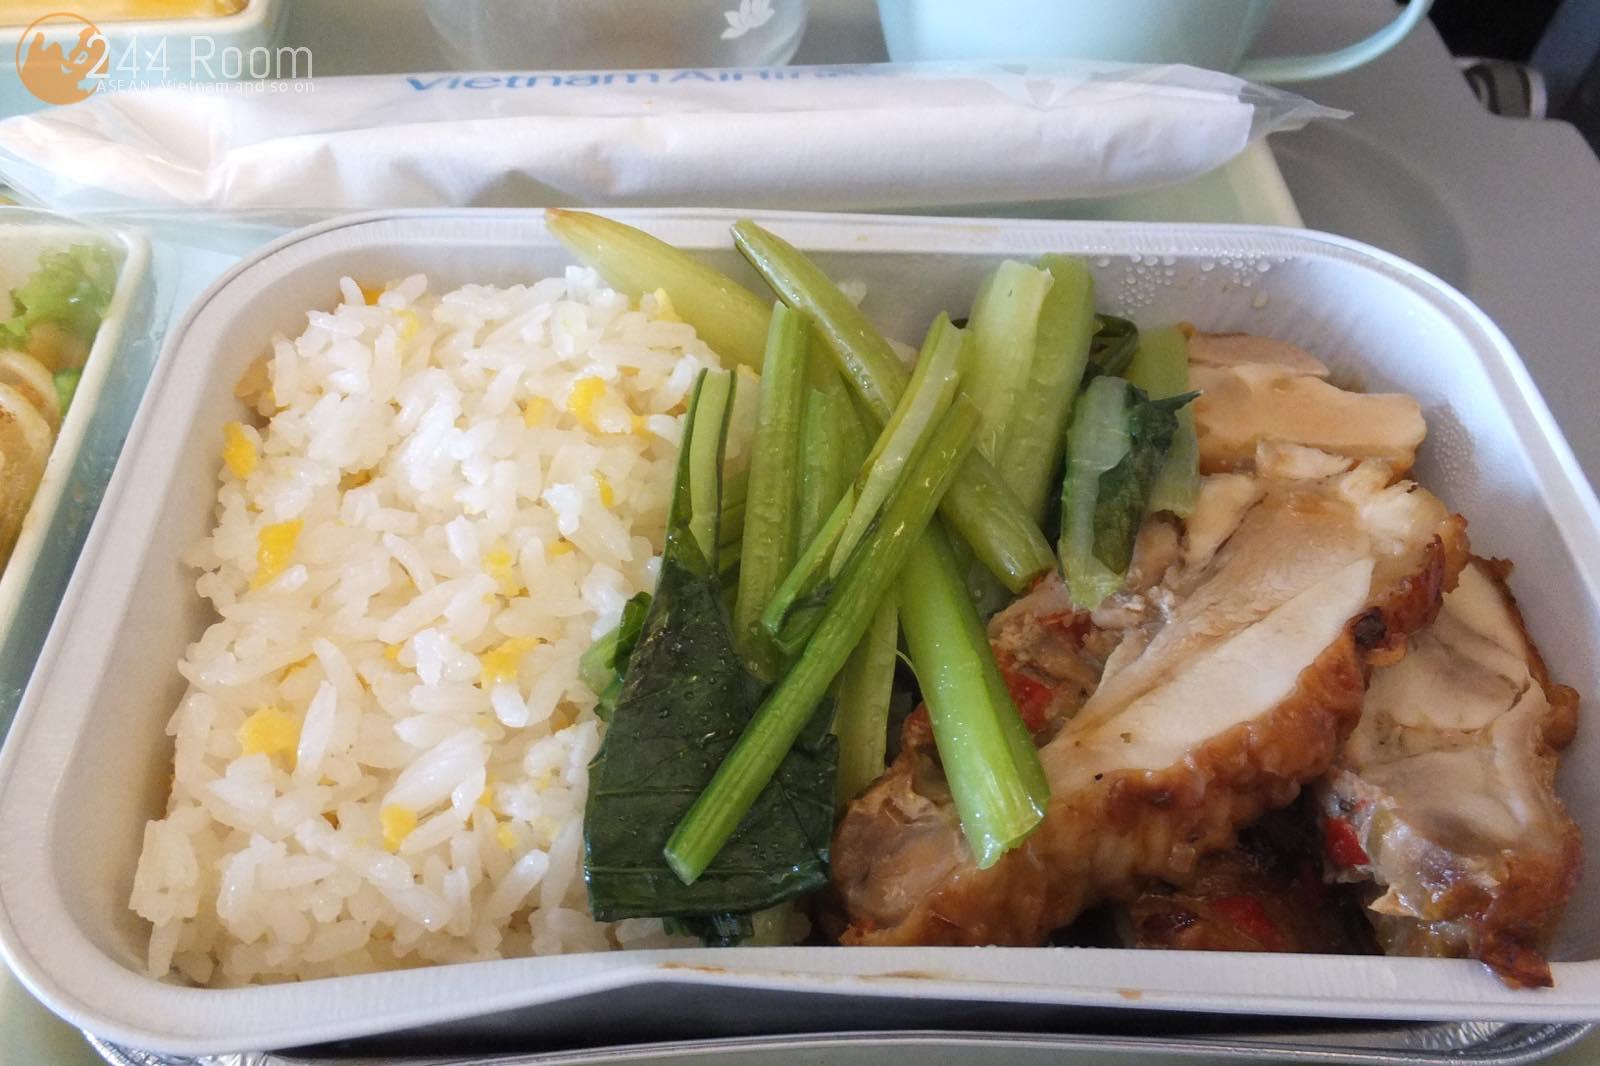 ベトナムエアライン機内食 Vietnam Airlines Flight meal3